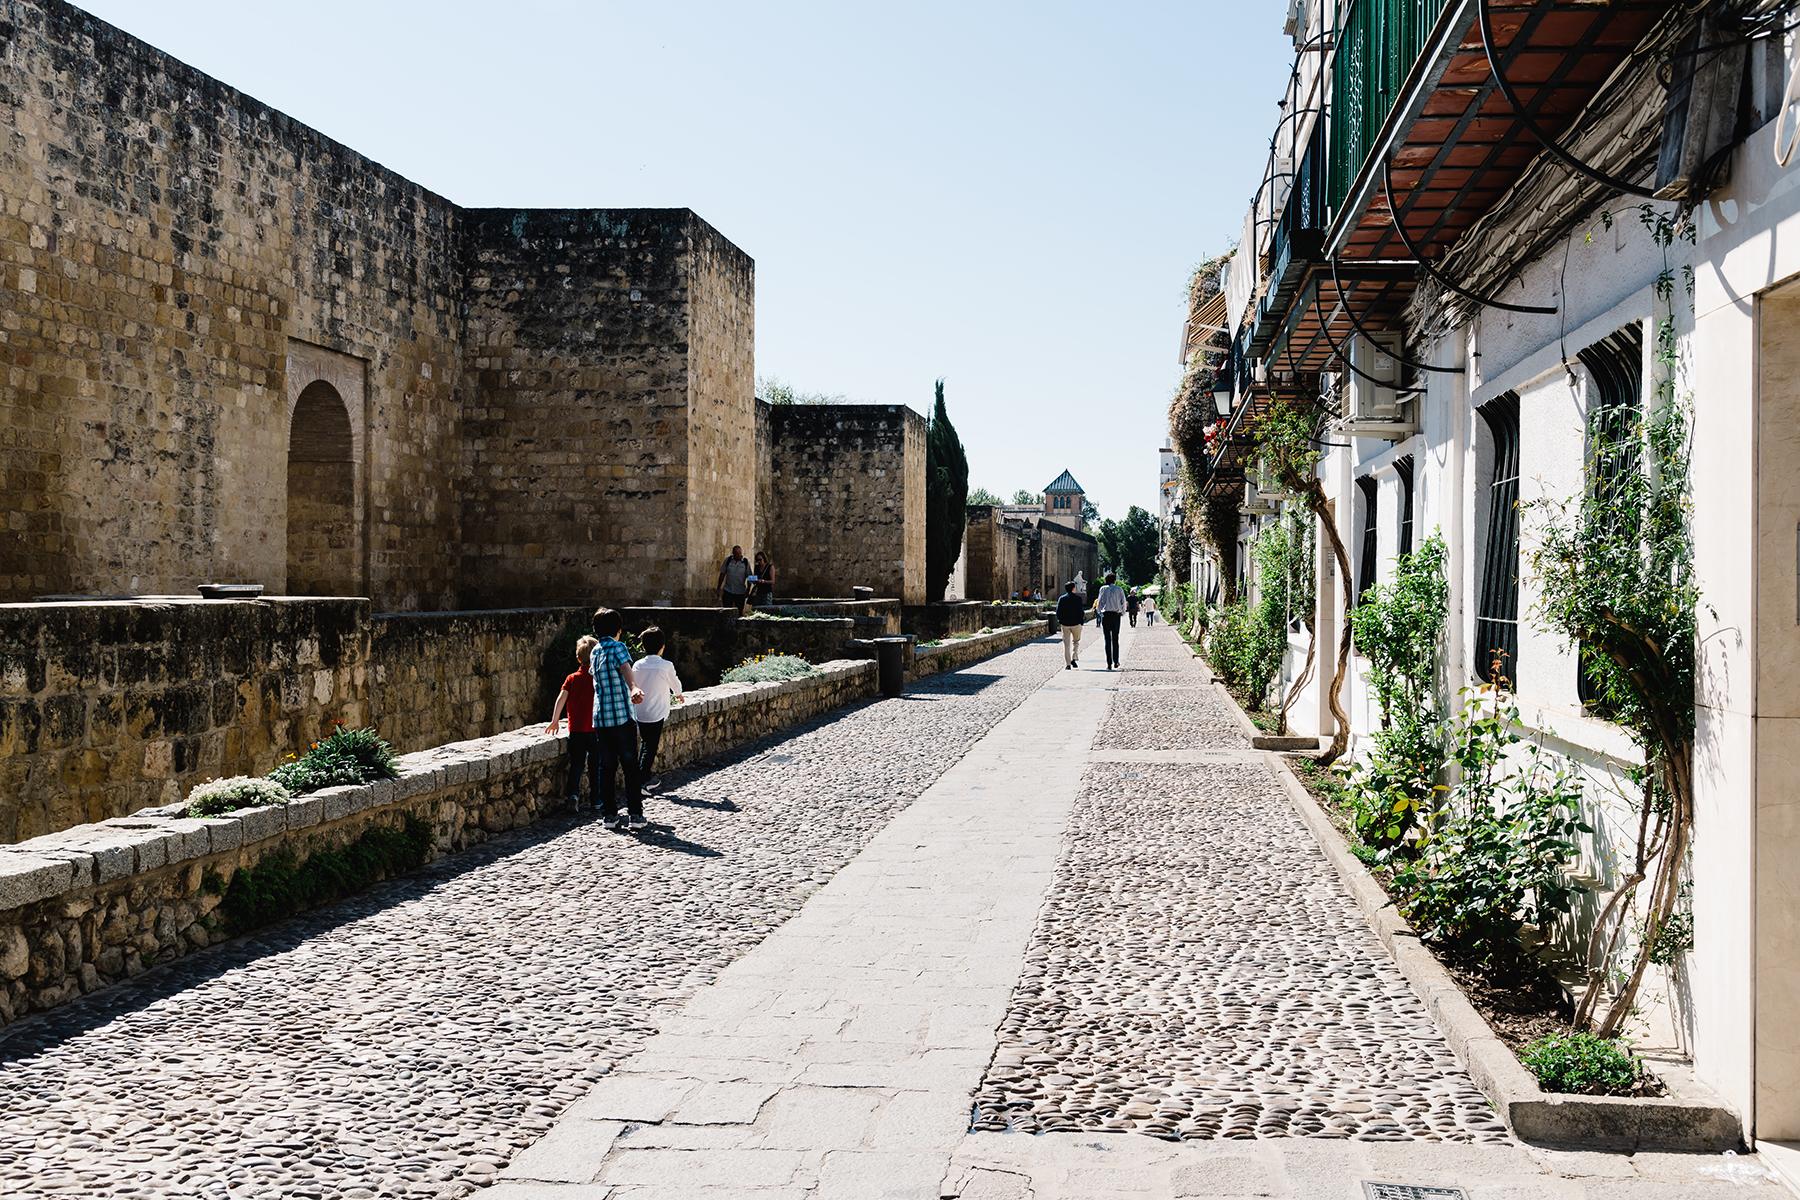 Qué ver en Córdoba - Muralla y Puertas | Foto: Jjfarq | Dreamstime.com